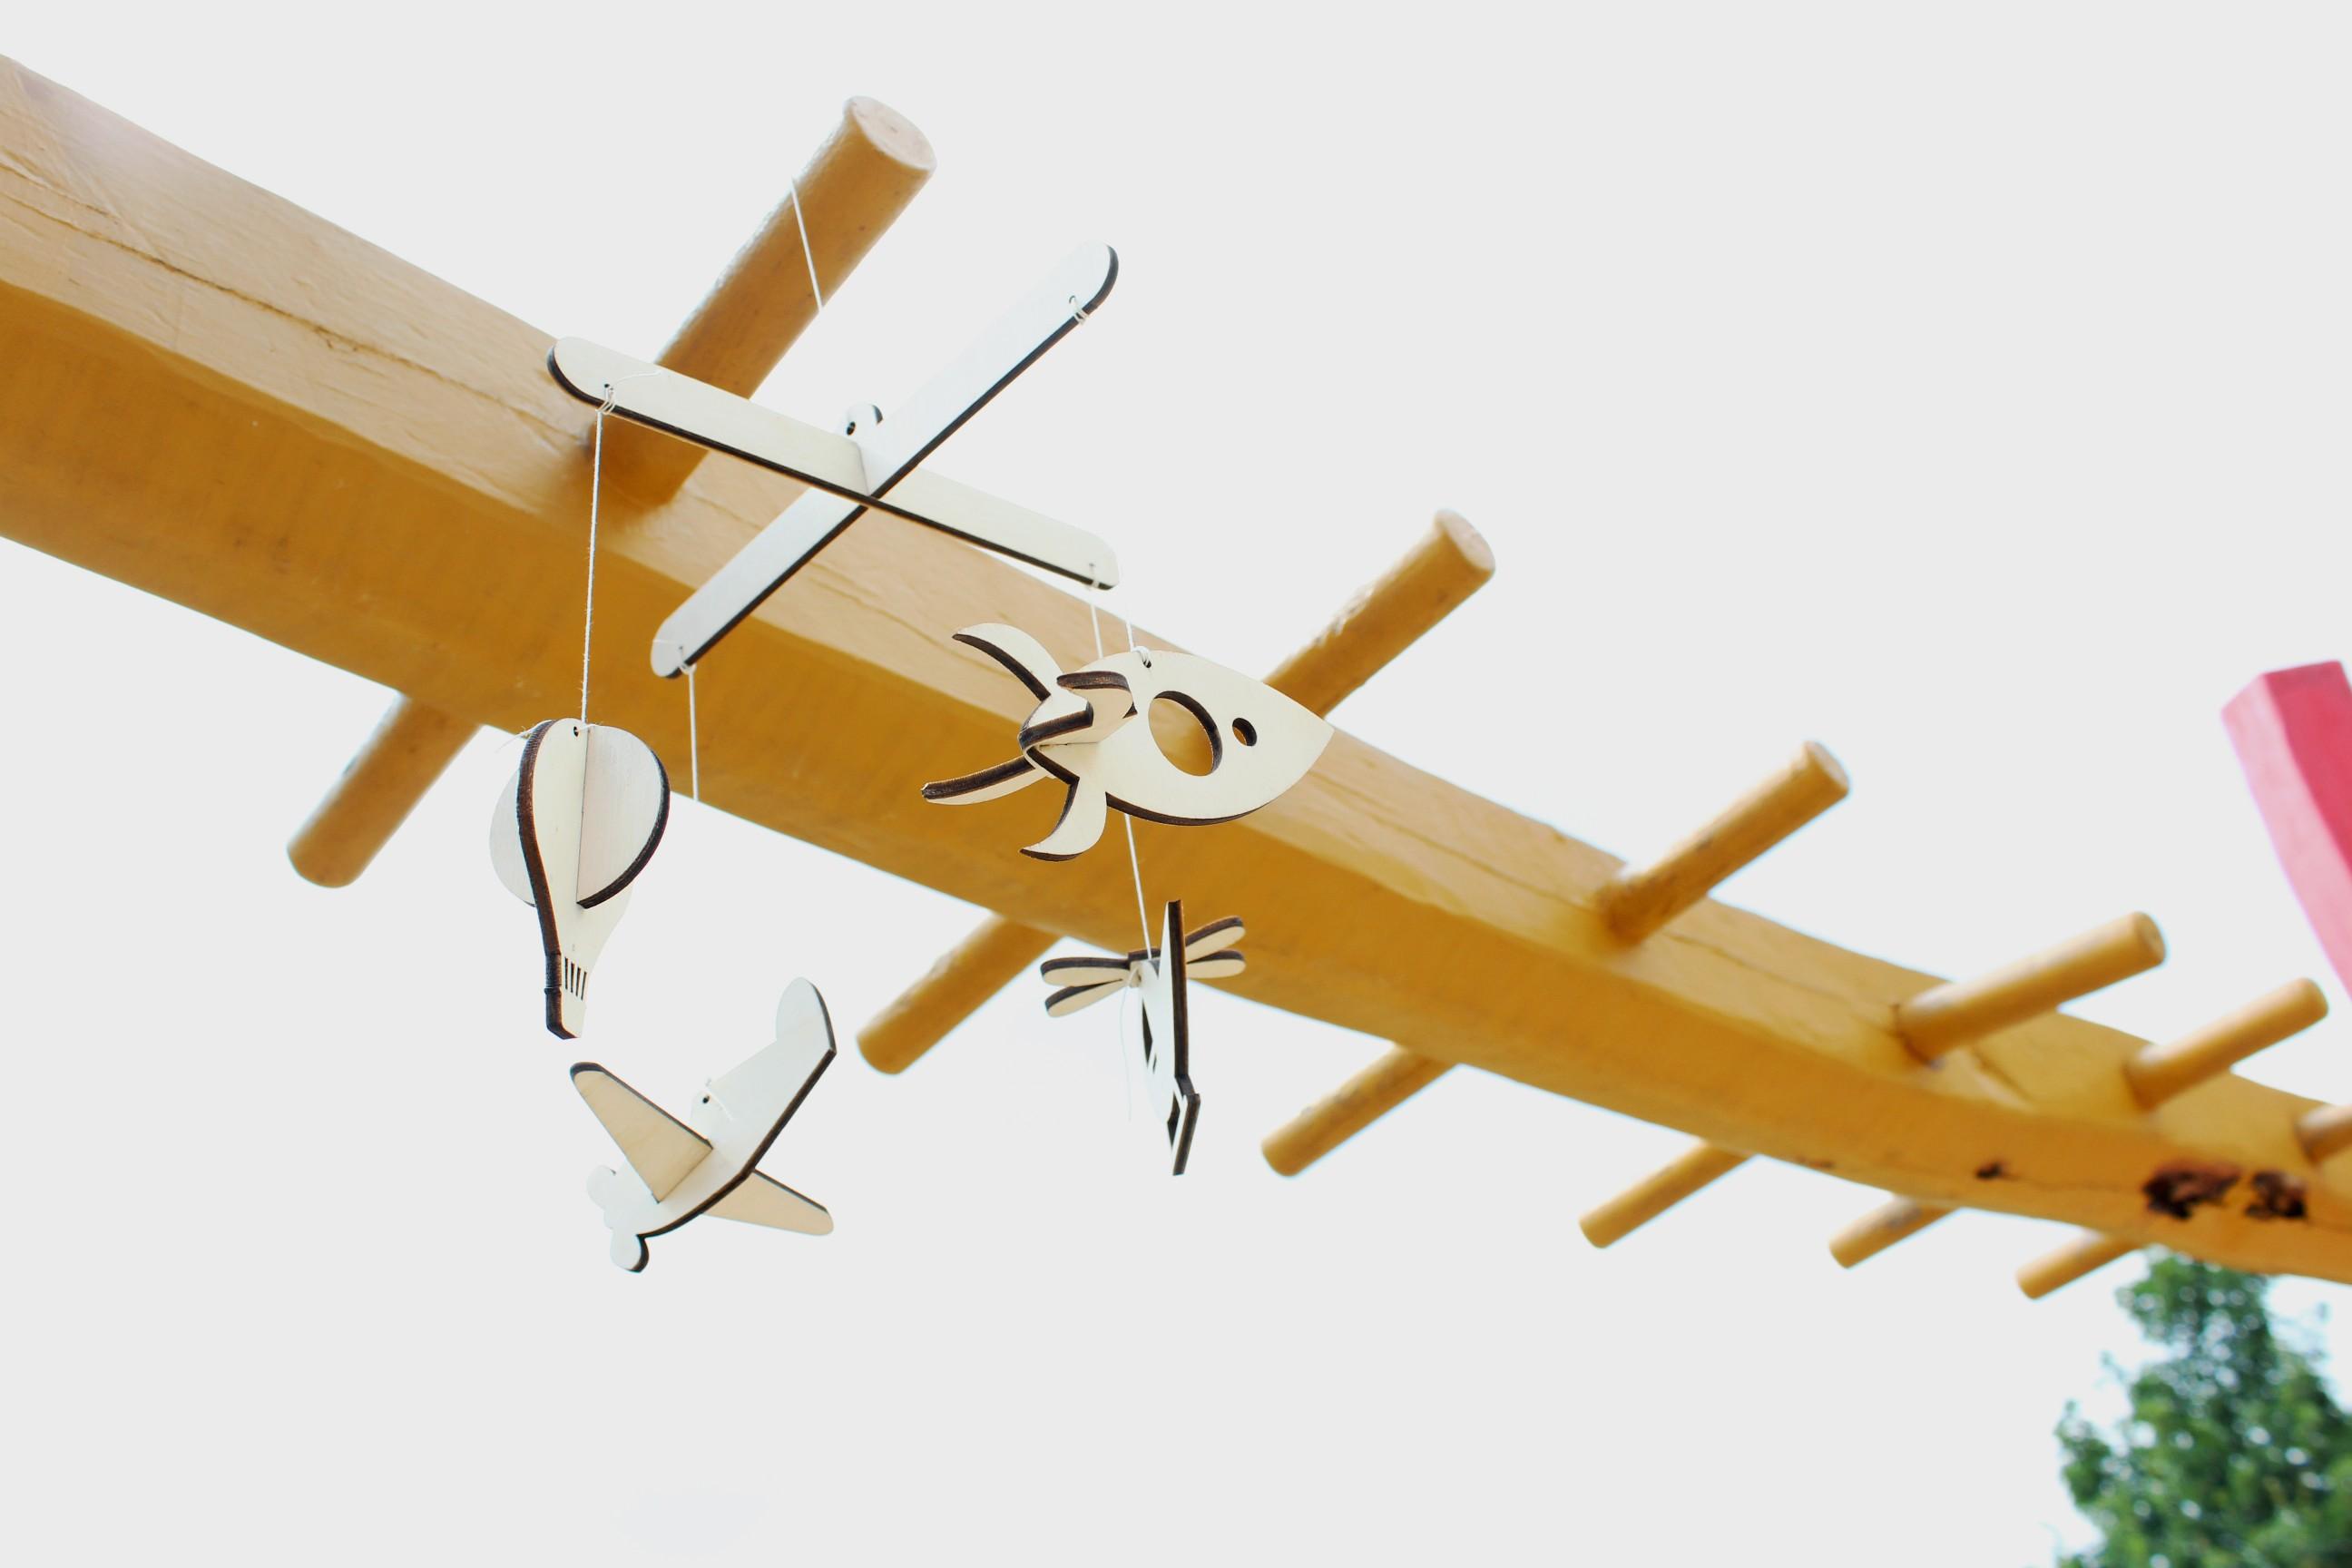 Mobile Flugzeuge 2